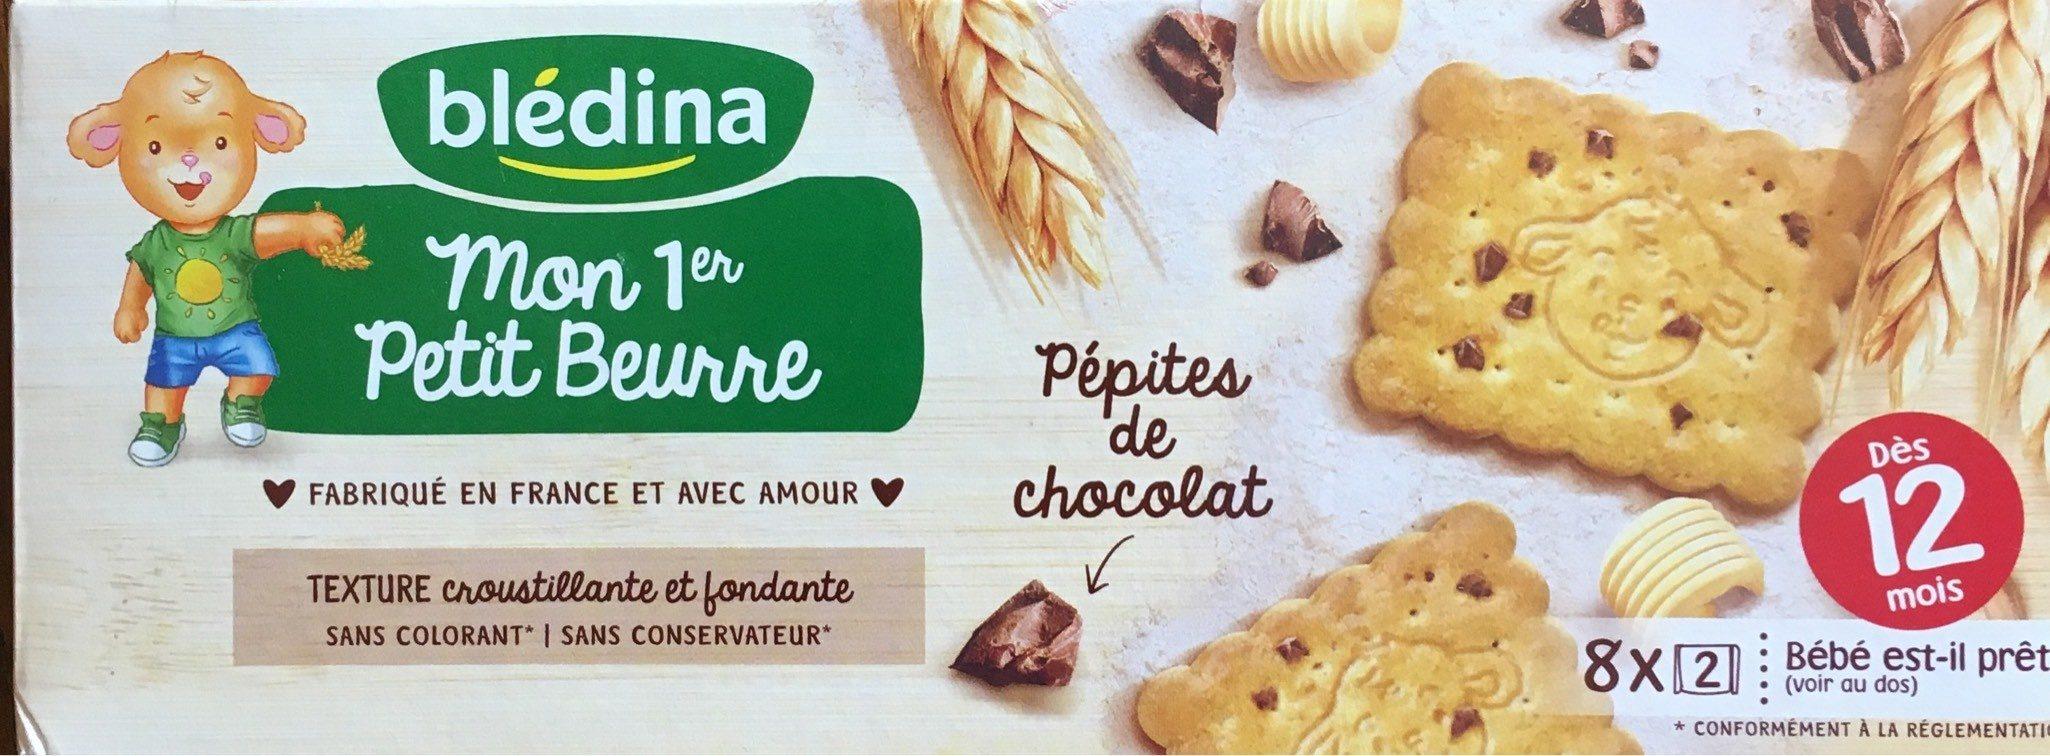 Mon 1er Petit Beurre - Product - fr